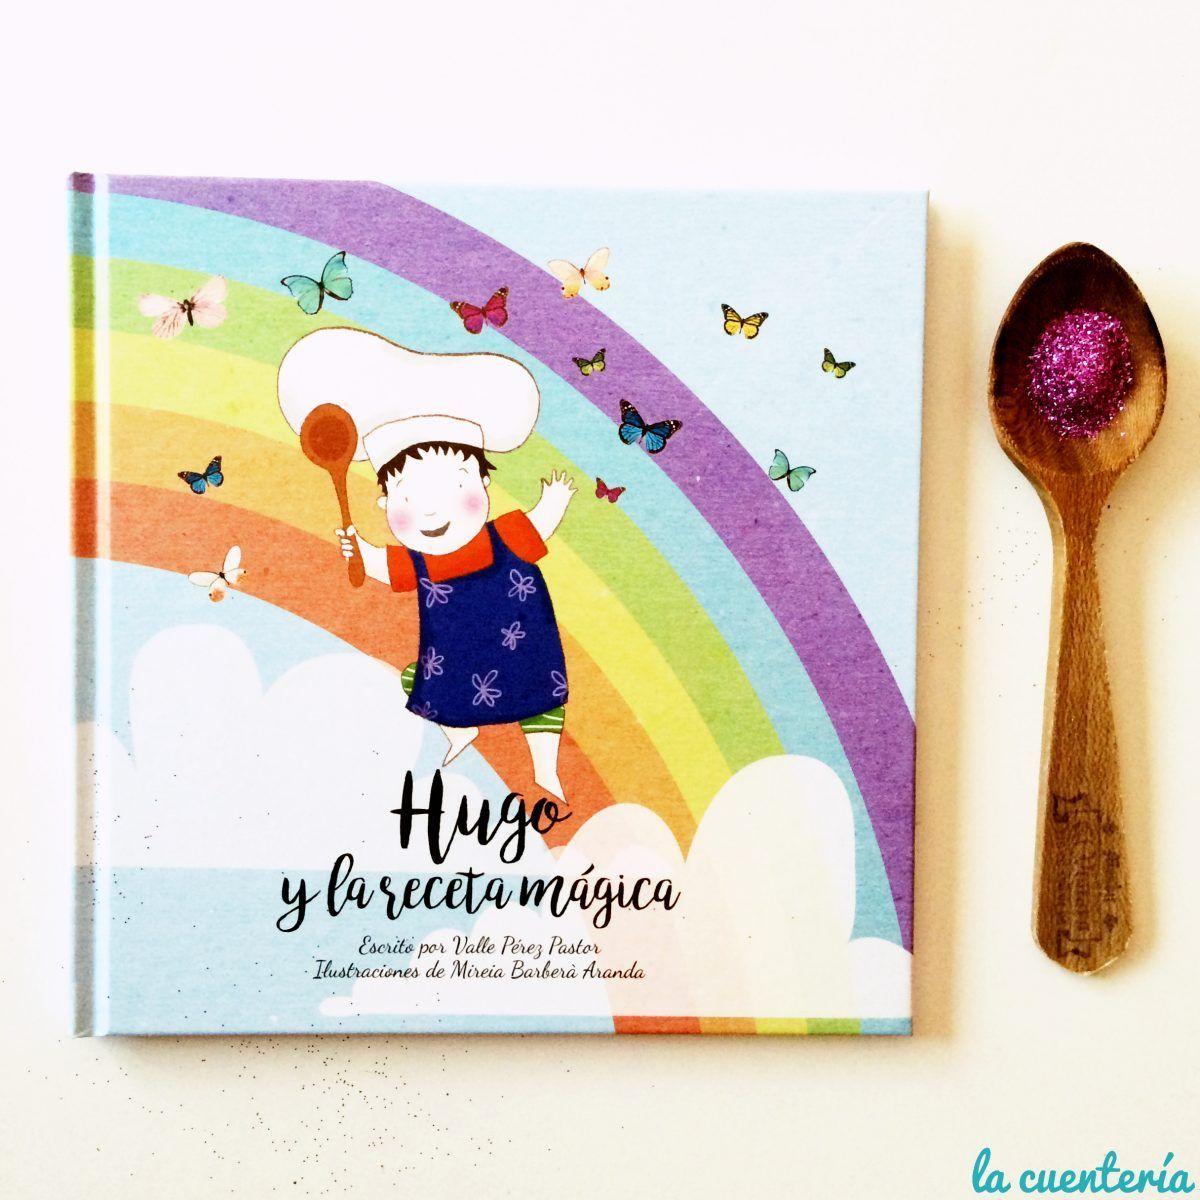 hugo y la receta mágica